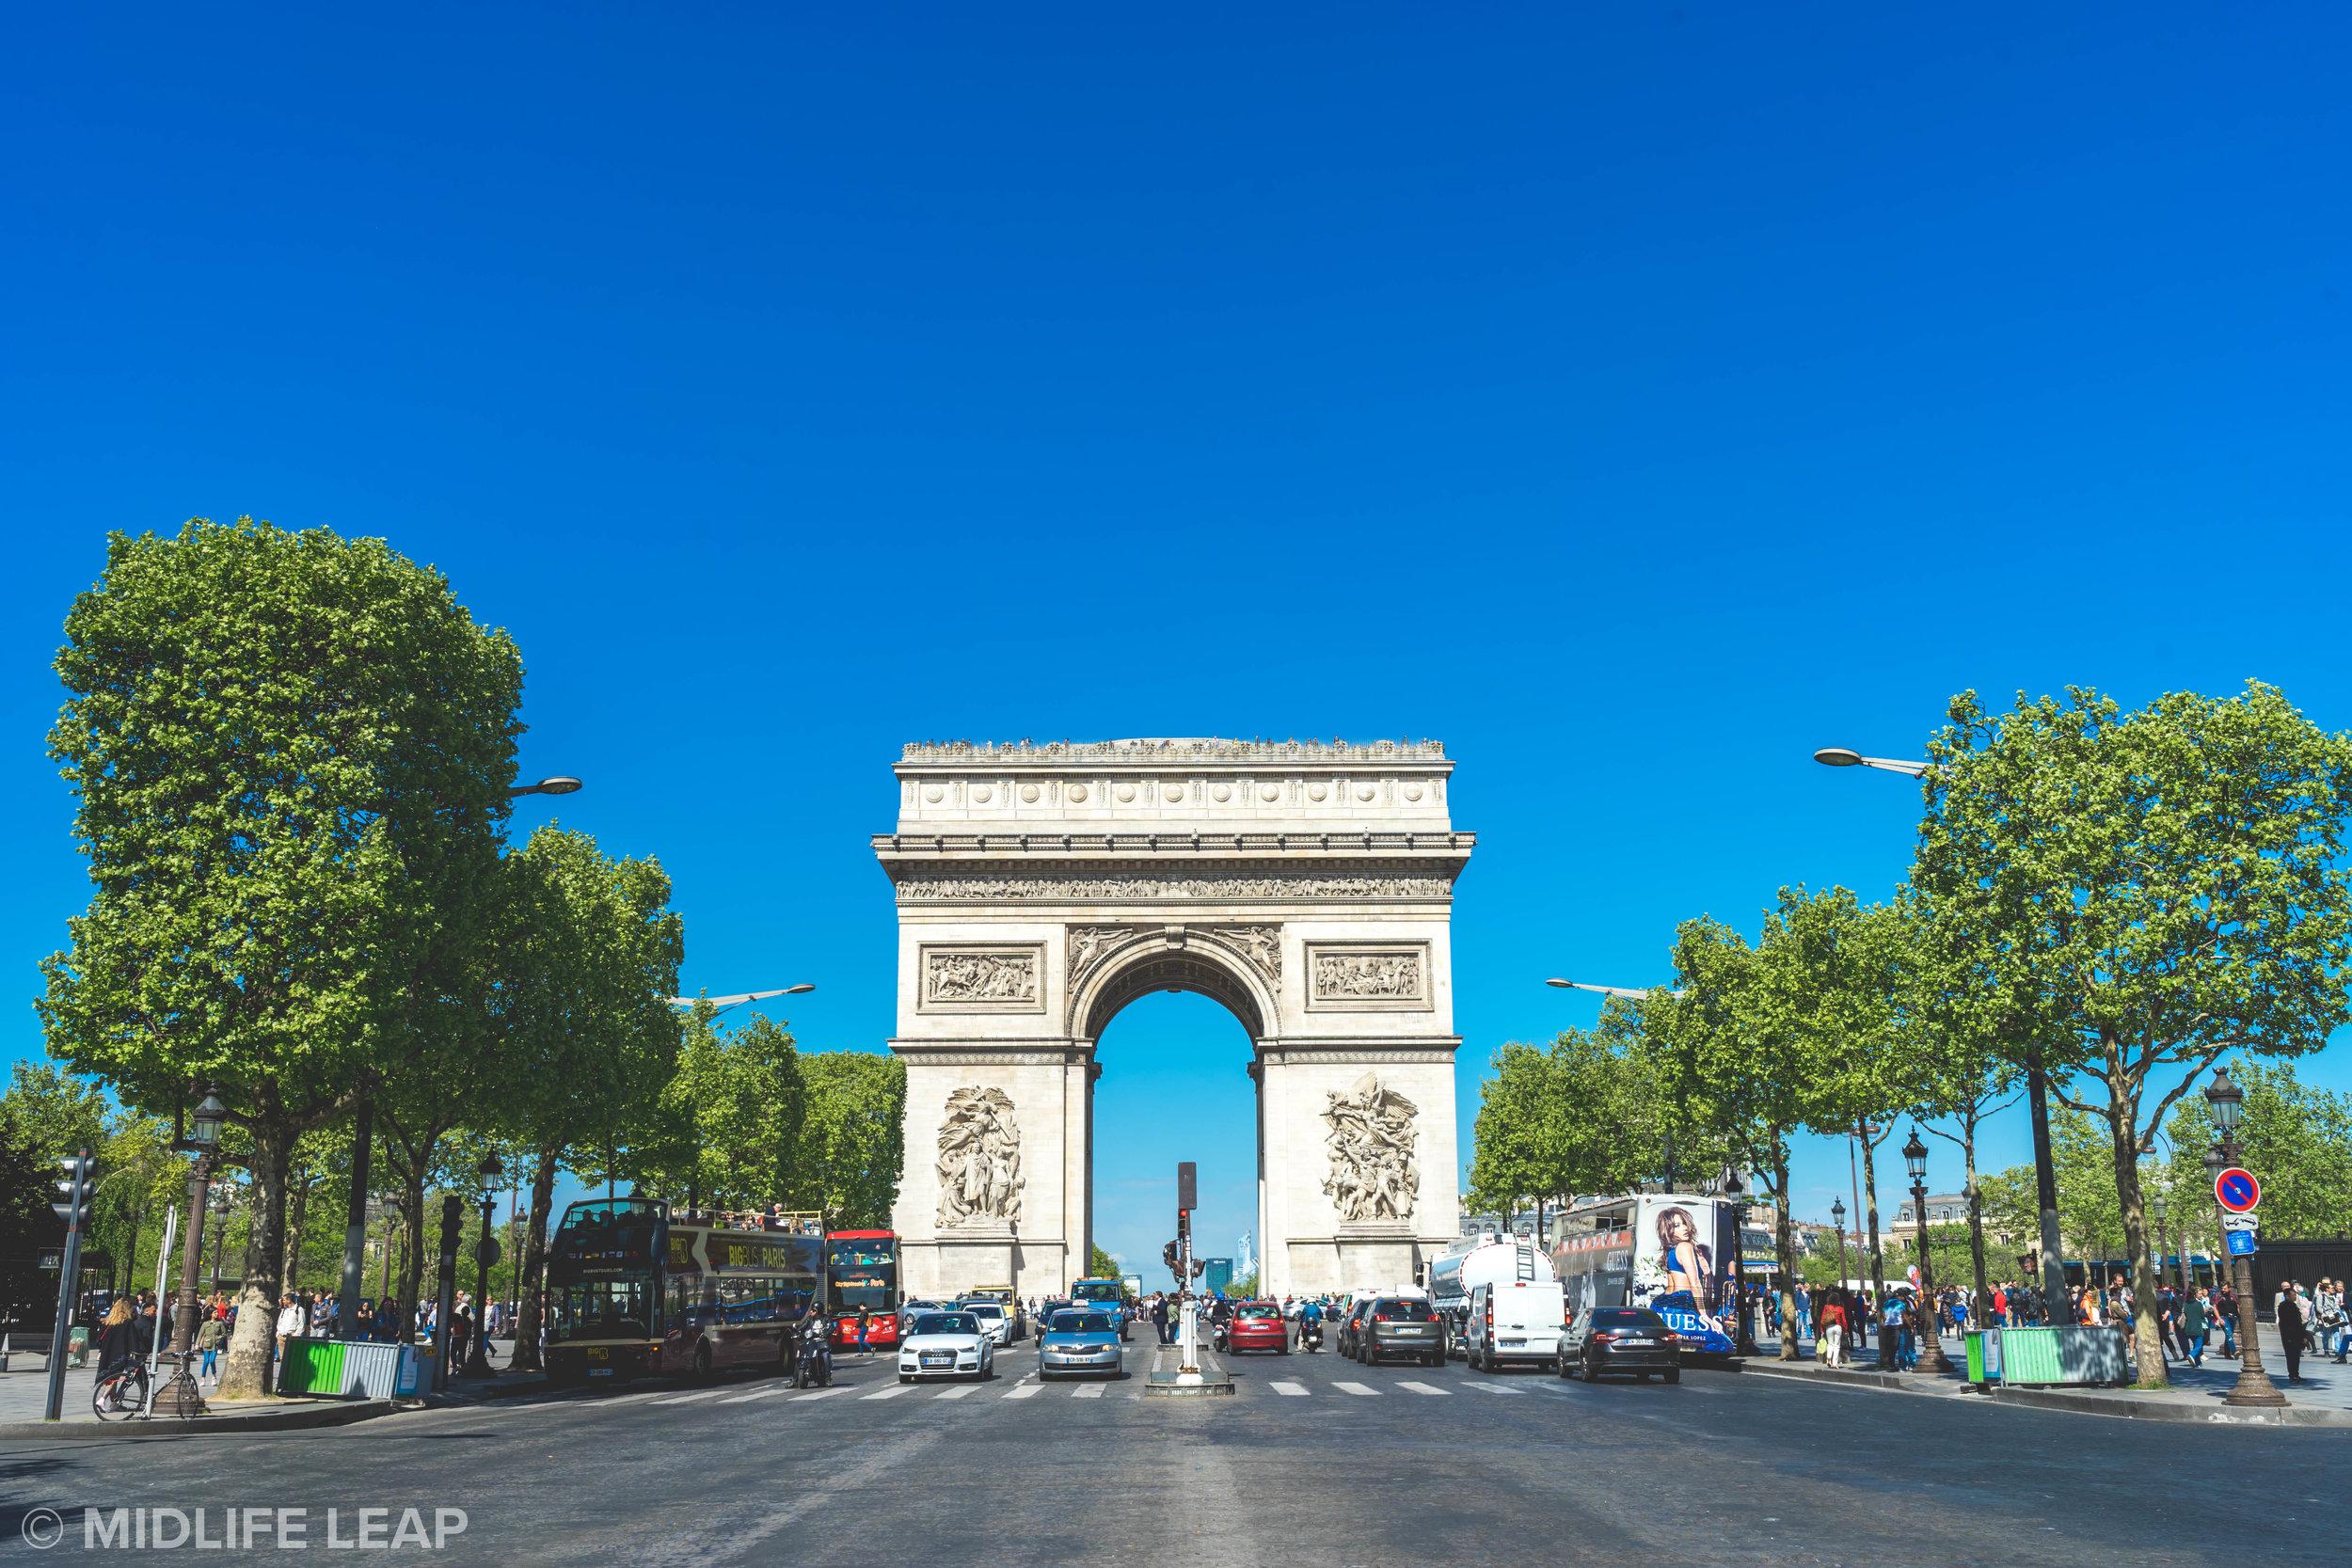 tips-for-visiting-the-arc-de-triomphe-paris